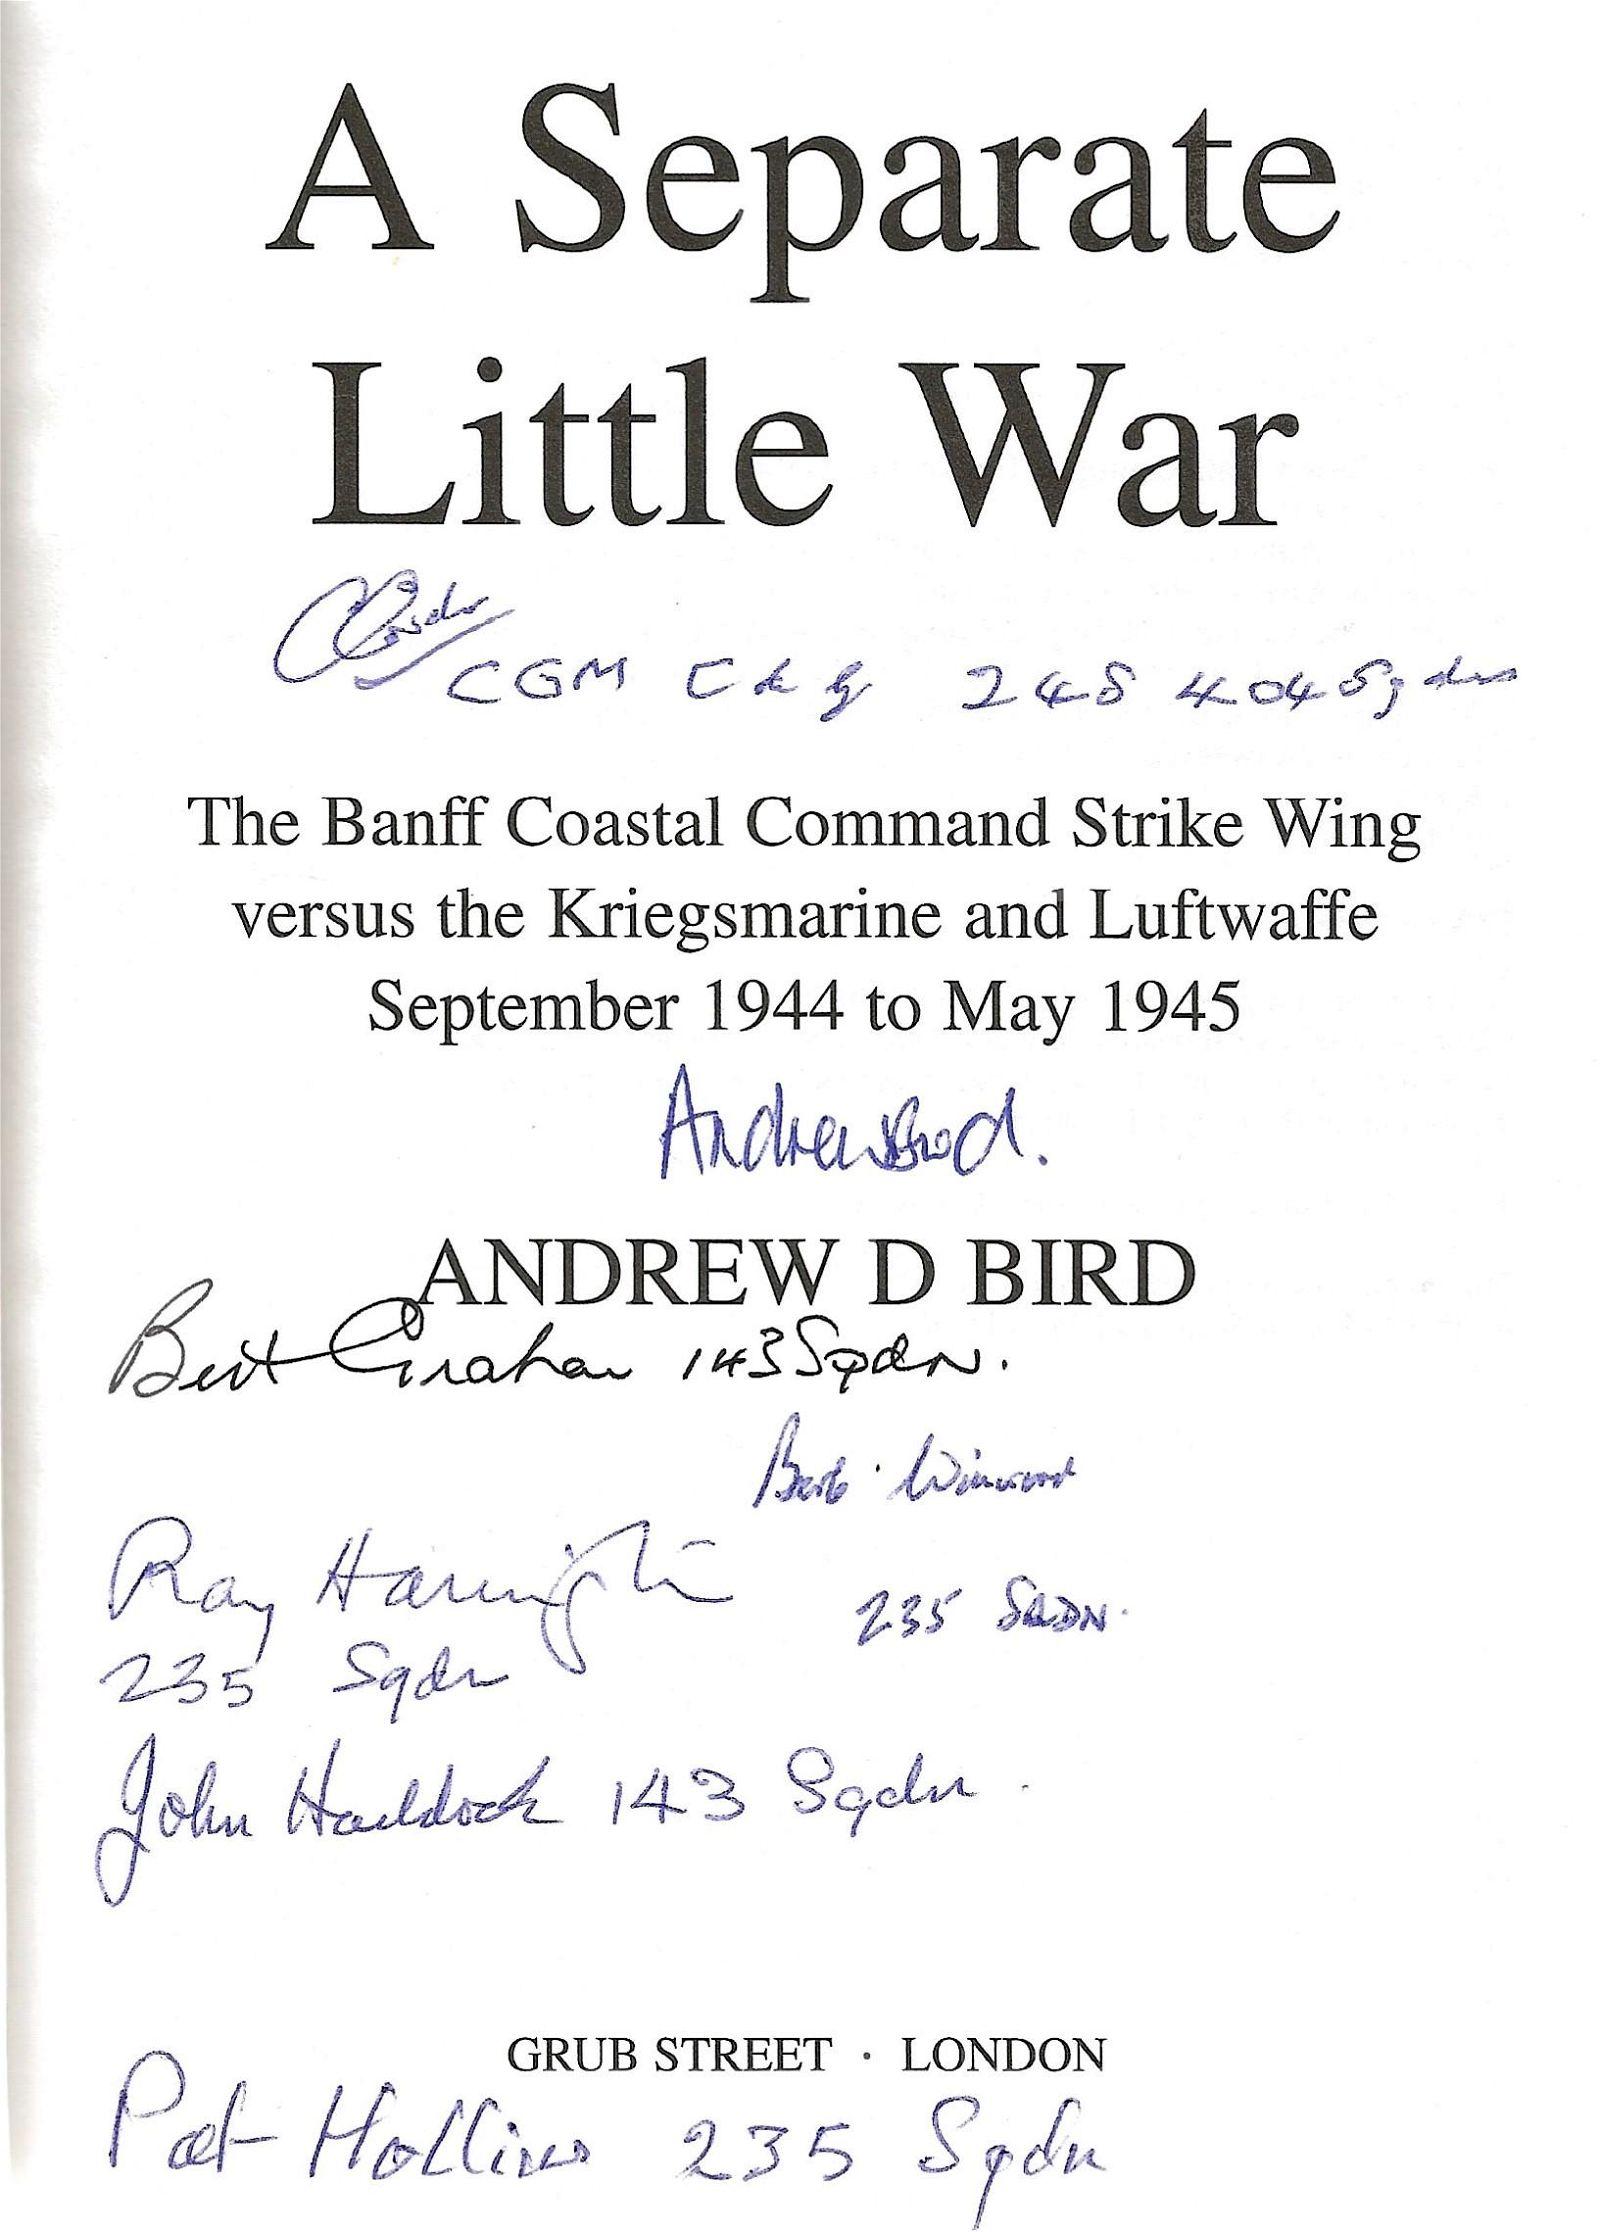 Andrew D Bird. A Separate Little War, The Banff Coastal